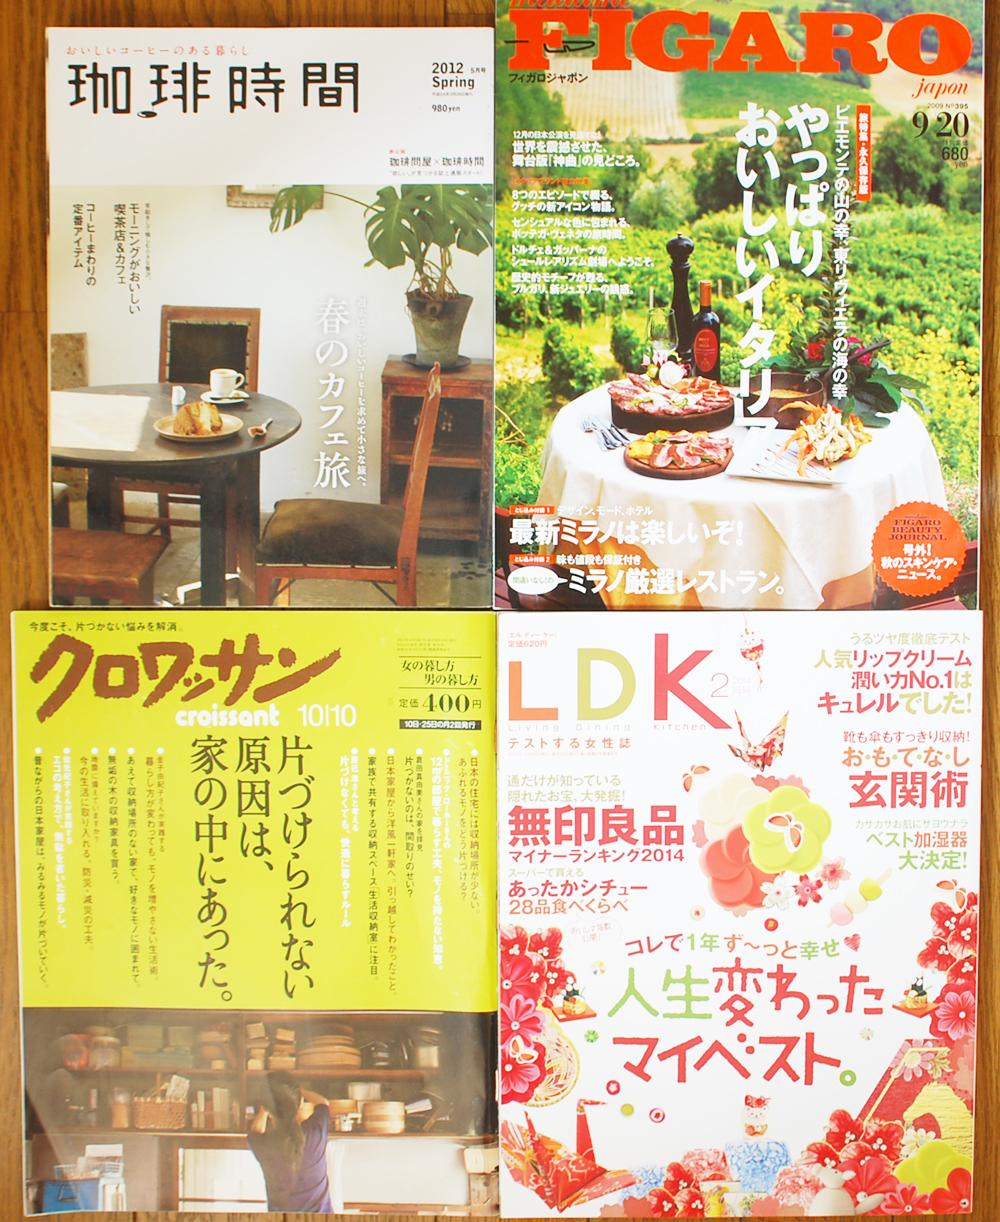 珈琲時間、madame FIGARO japon (フィガロ ジャポン)など買取